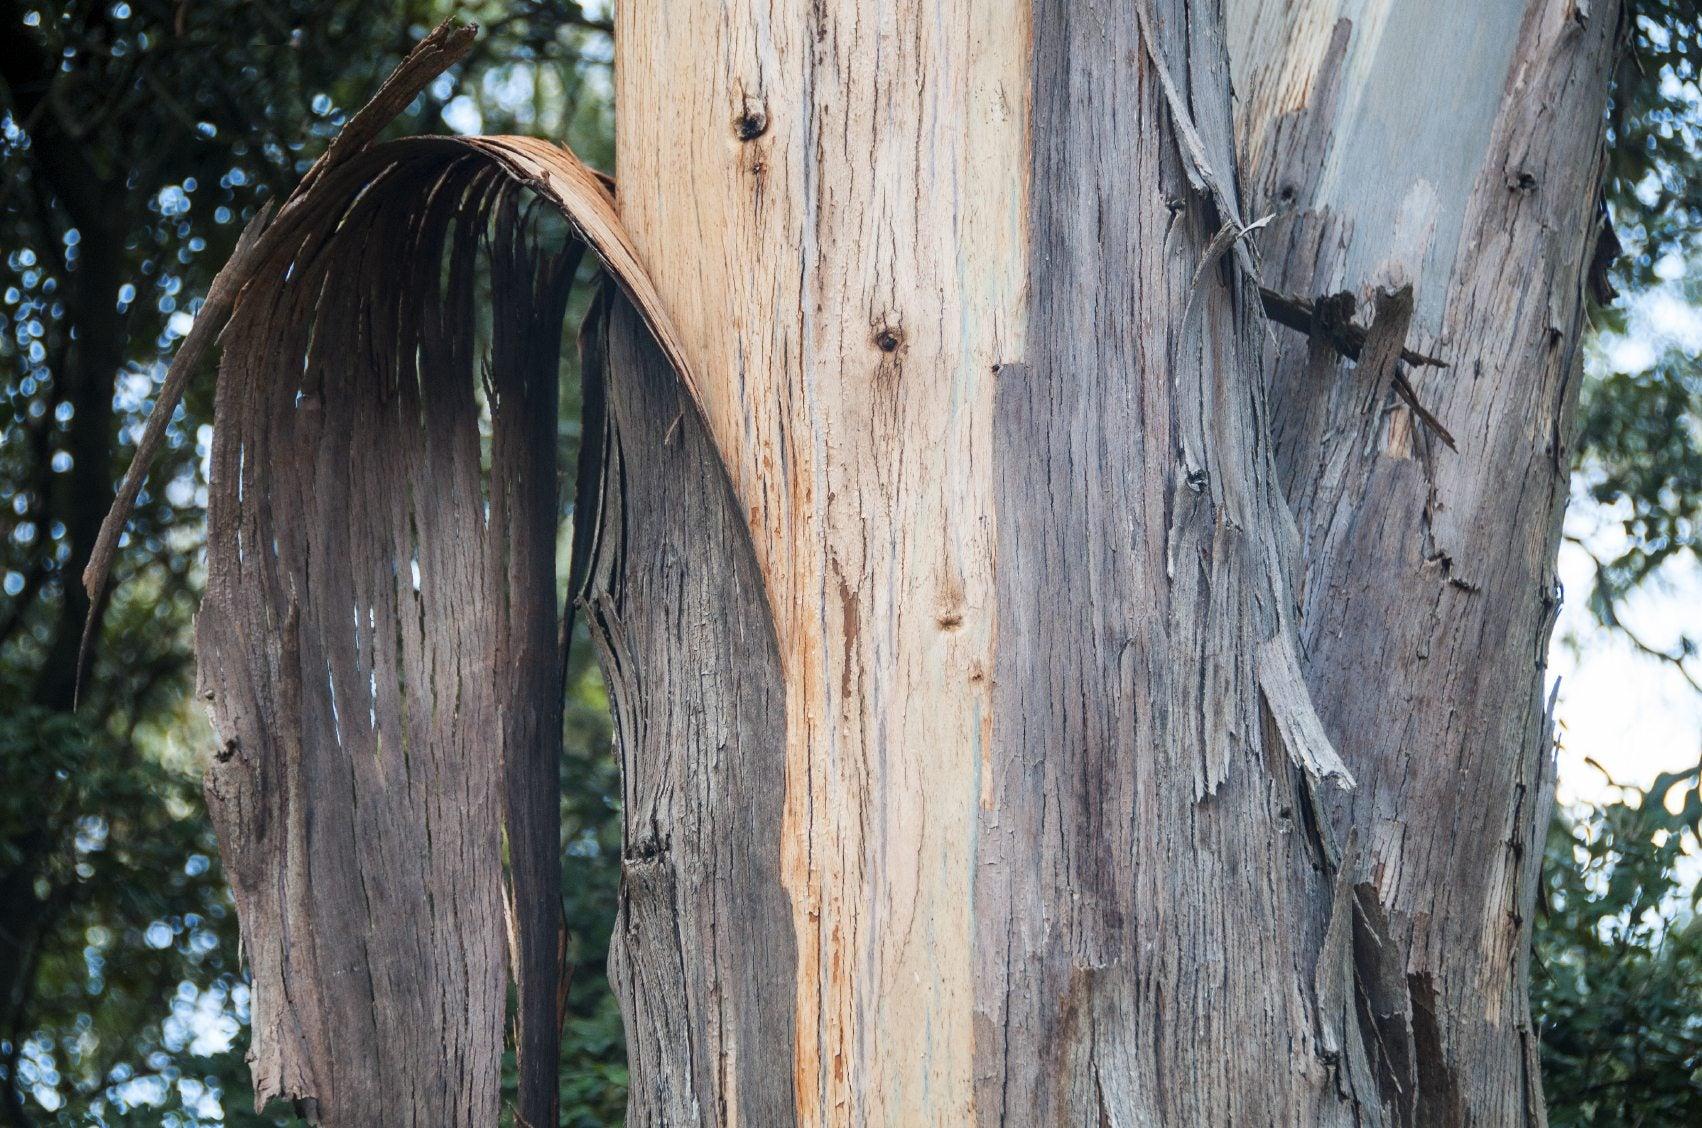 Eucalyptus Is Peeling Bark Why Do Eucalyptus Trees Shed Their Bark